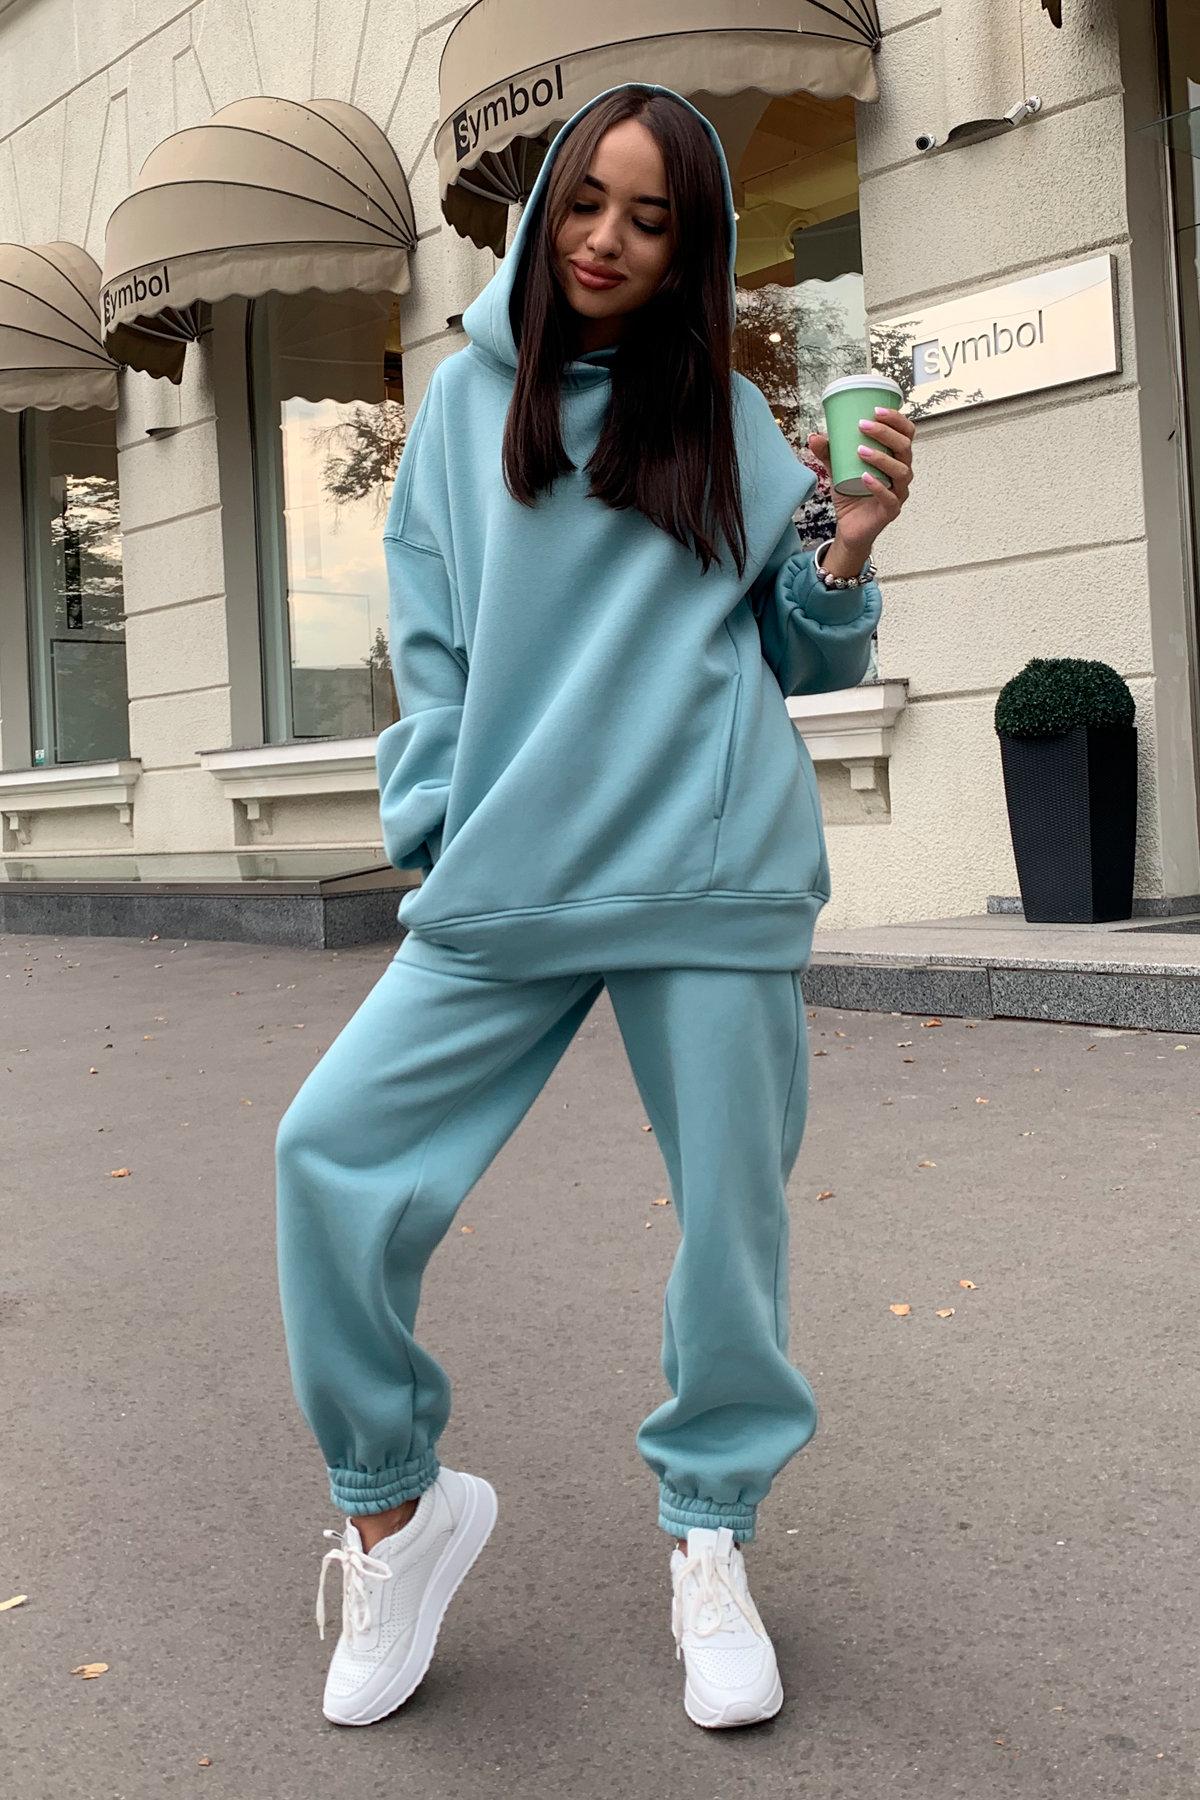 Марион костюм в  стиле Oversize  3х нитка 9651 АРТ. 45983 Цвет: Олива - фото 6, интернет магазин tm-modus.ru